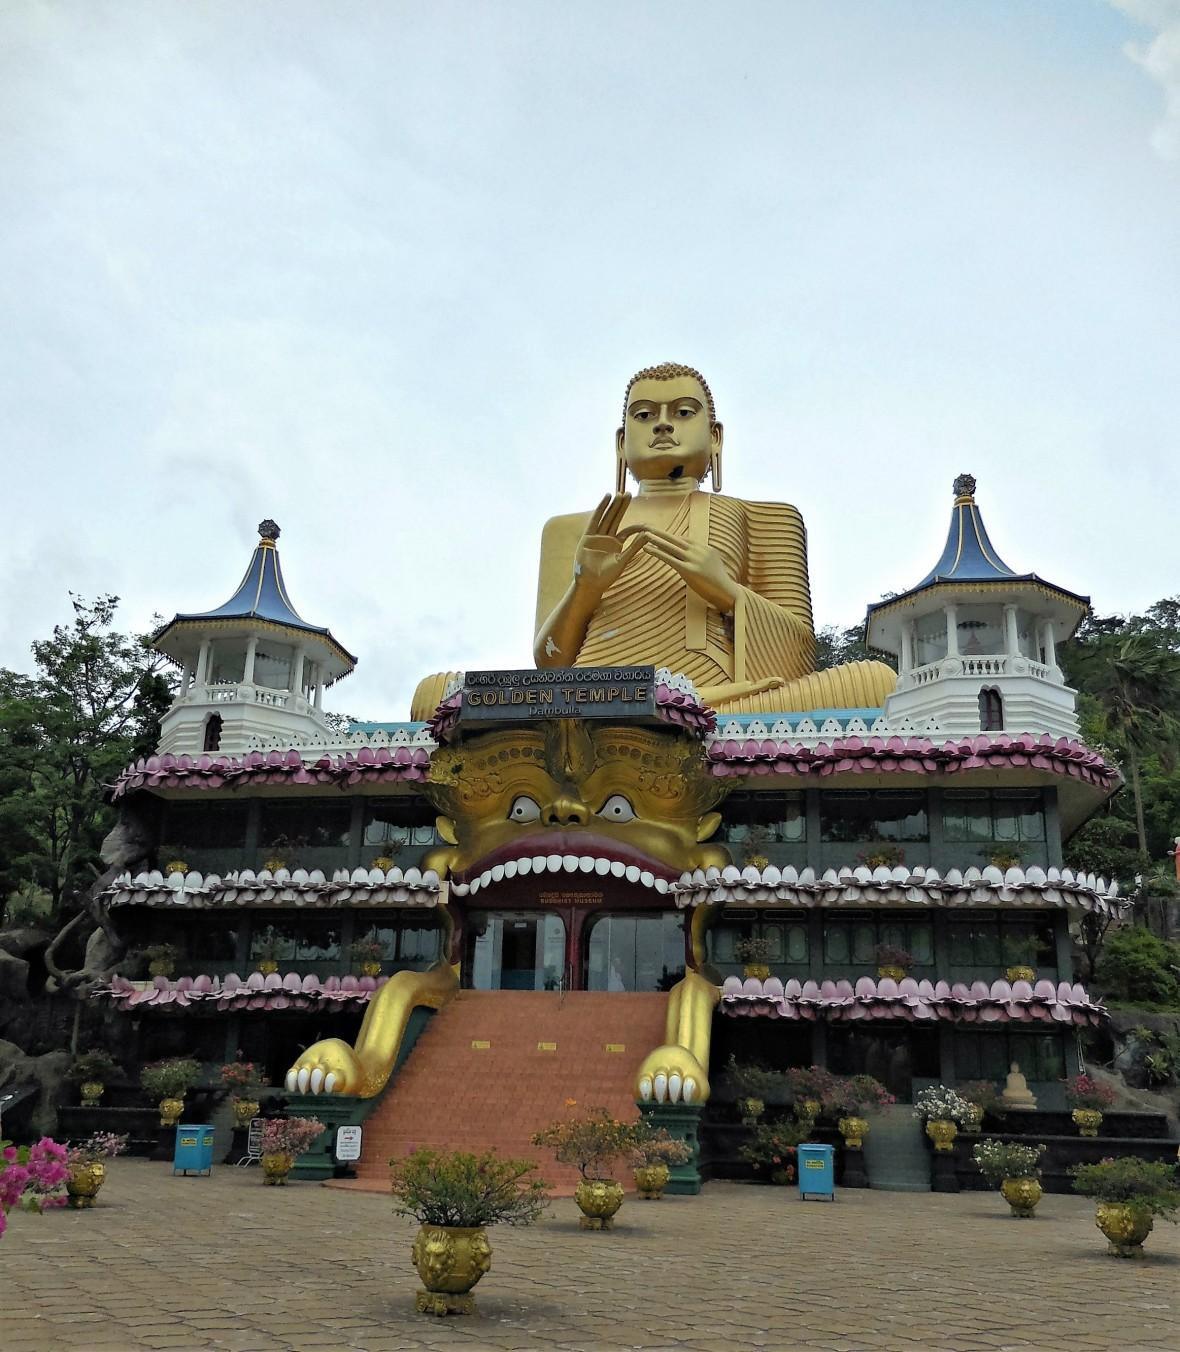 Sri Lanka - Dambulla (1)